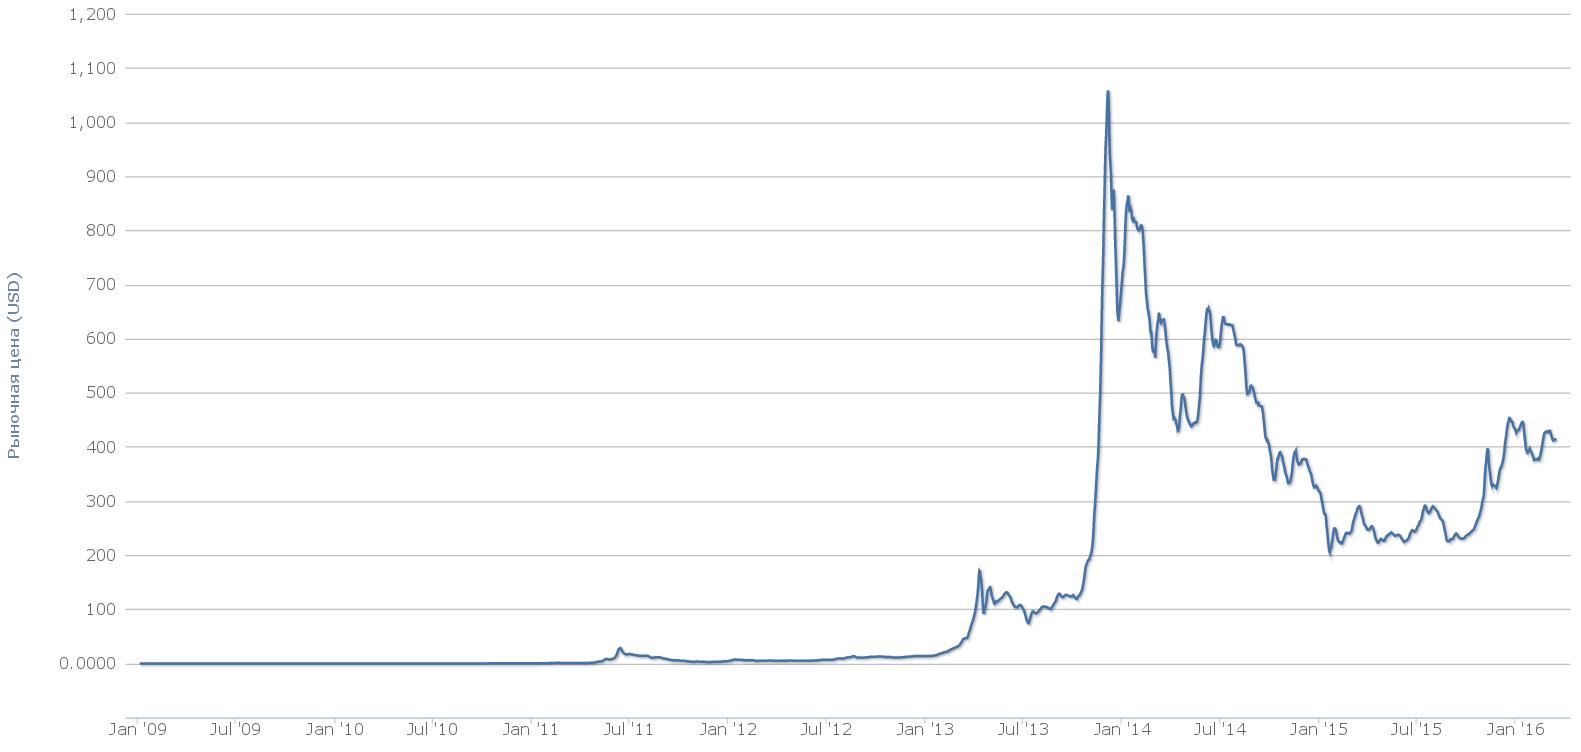 Стабильный валютный курс — ещё одно преимущество государственной криптовалюты. В отличие от биткойна, который никому не принадлежит, ни к чему строго не привязан, и курс которого, естественно, колеблется порой в очень широком диапазоне (на графике вся история, от основания до наших дней), госкрипту можно объявить аналогом физически существующей денежной единицы: фунта, рубля, доллара, например. И пользователь будет спокоен: он будет знать, что один крипторубль всегда равен одному настоящему рублю.